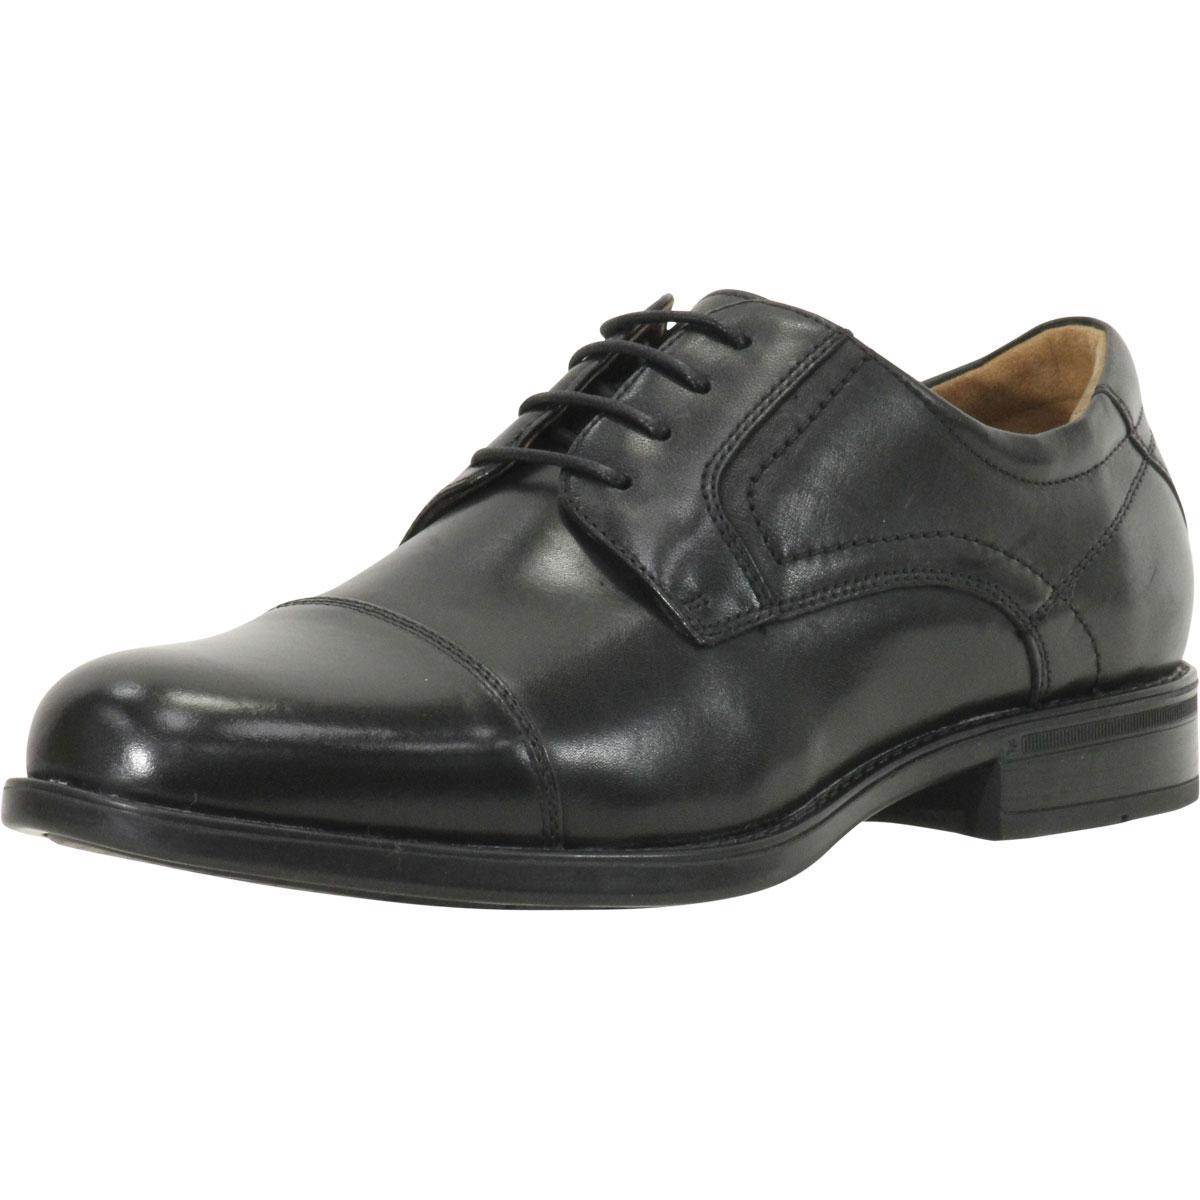 Image of Florsheim Comfortech Men's Midtown Cap Toe Oxfords Shoes - Black - 10 D(M) US